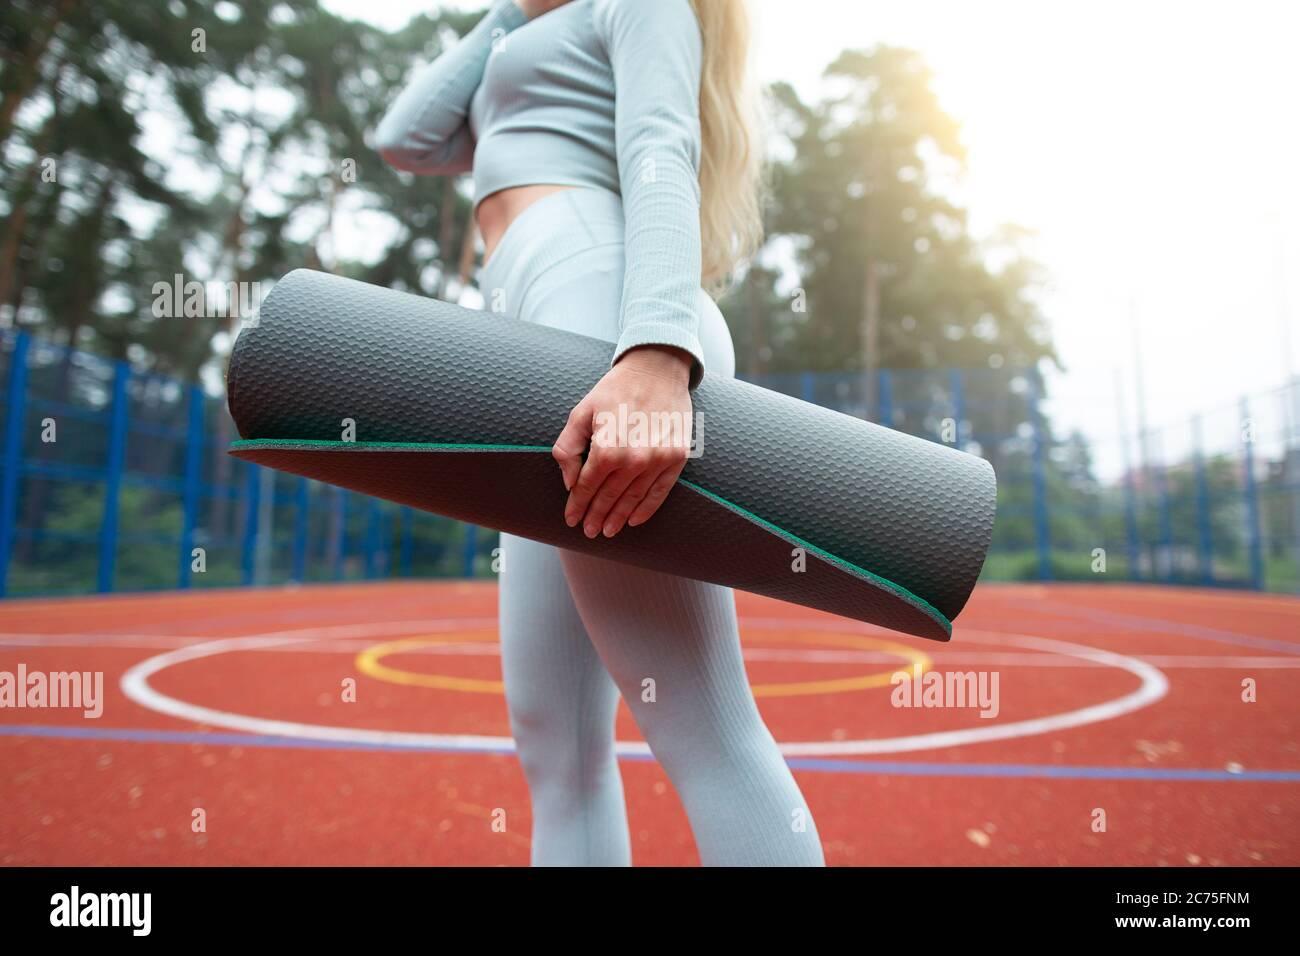 Concept de forme physique, de sport et de mode de vie sain. Image courte de jeune fille en vêtements de sport gris, tenant un tapis d'exercice et marchant à l'extérieur du sport Banque D'Images